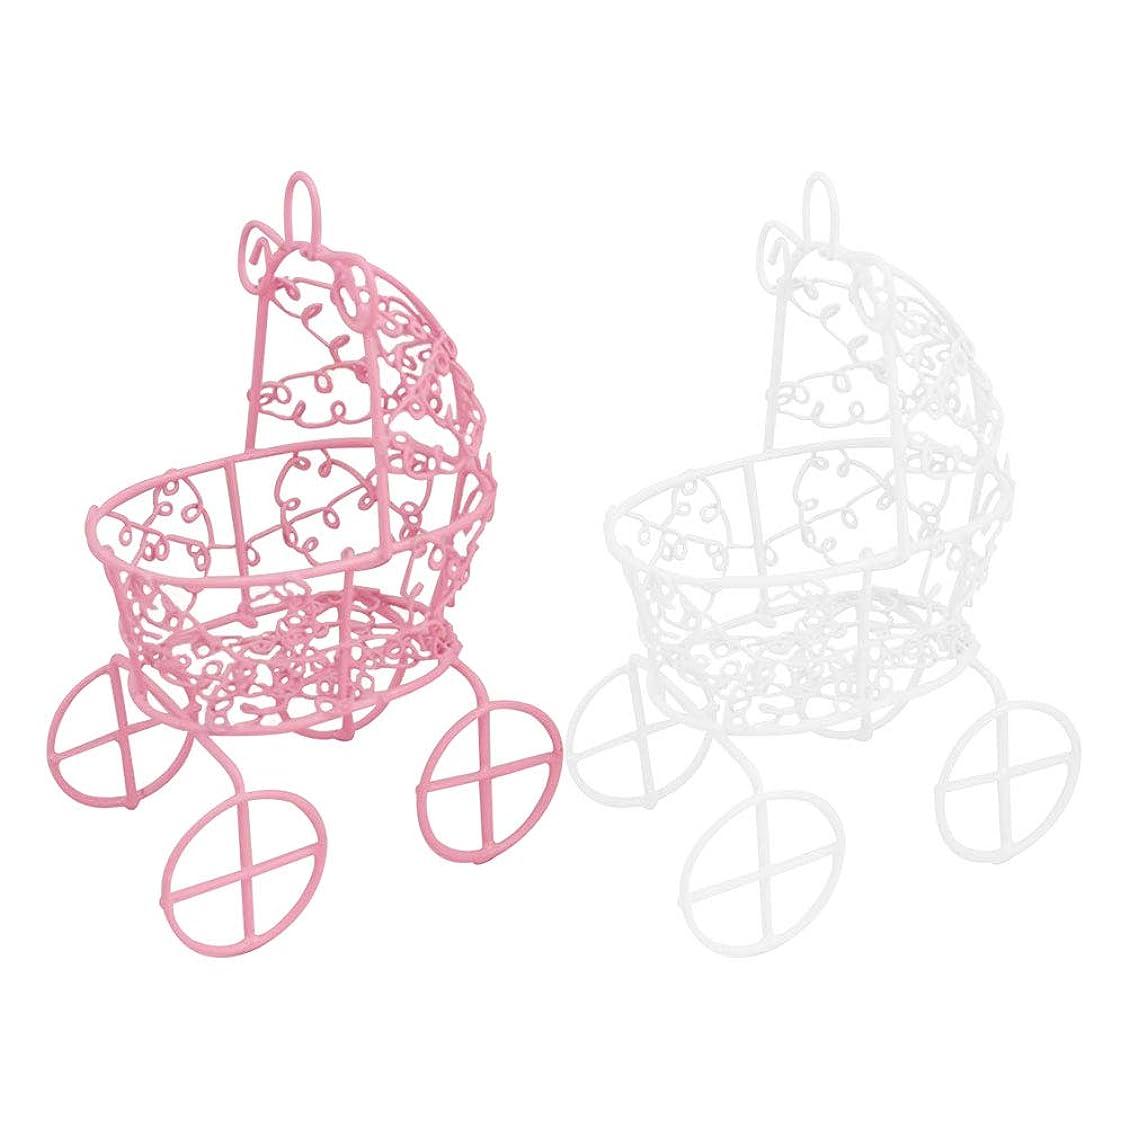 ノベルティコミュニティ群集Frcolor メイクスポンジスタンド パフホルダー パフ乾燥用スタンド 化粧用パフ收納 カビ防止 小型軽量 2色セット(ピンク+ホワイト)